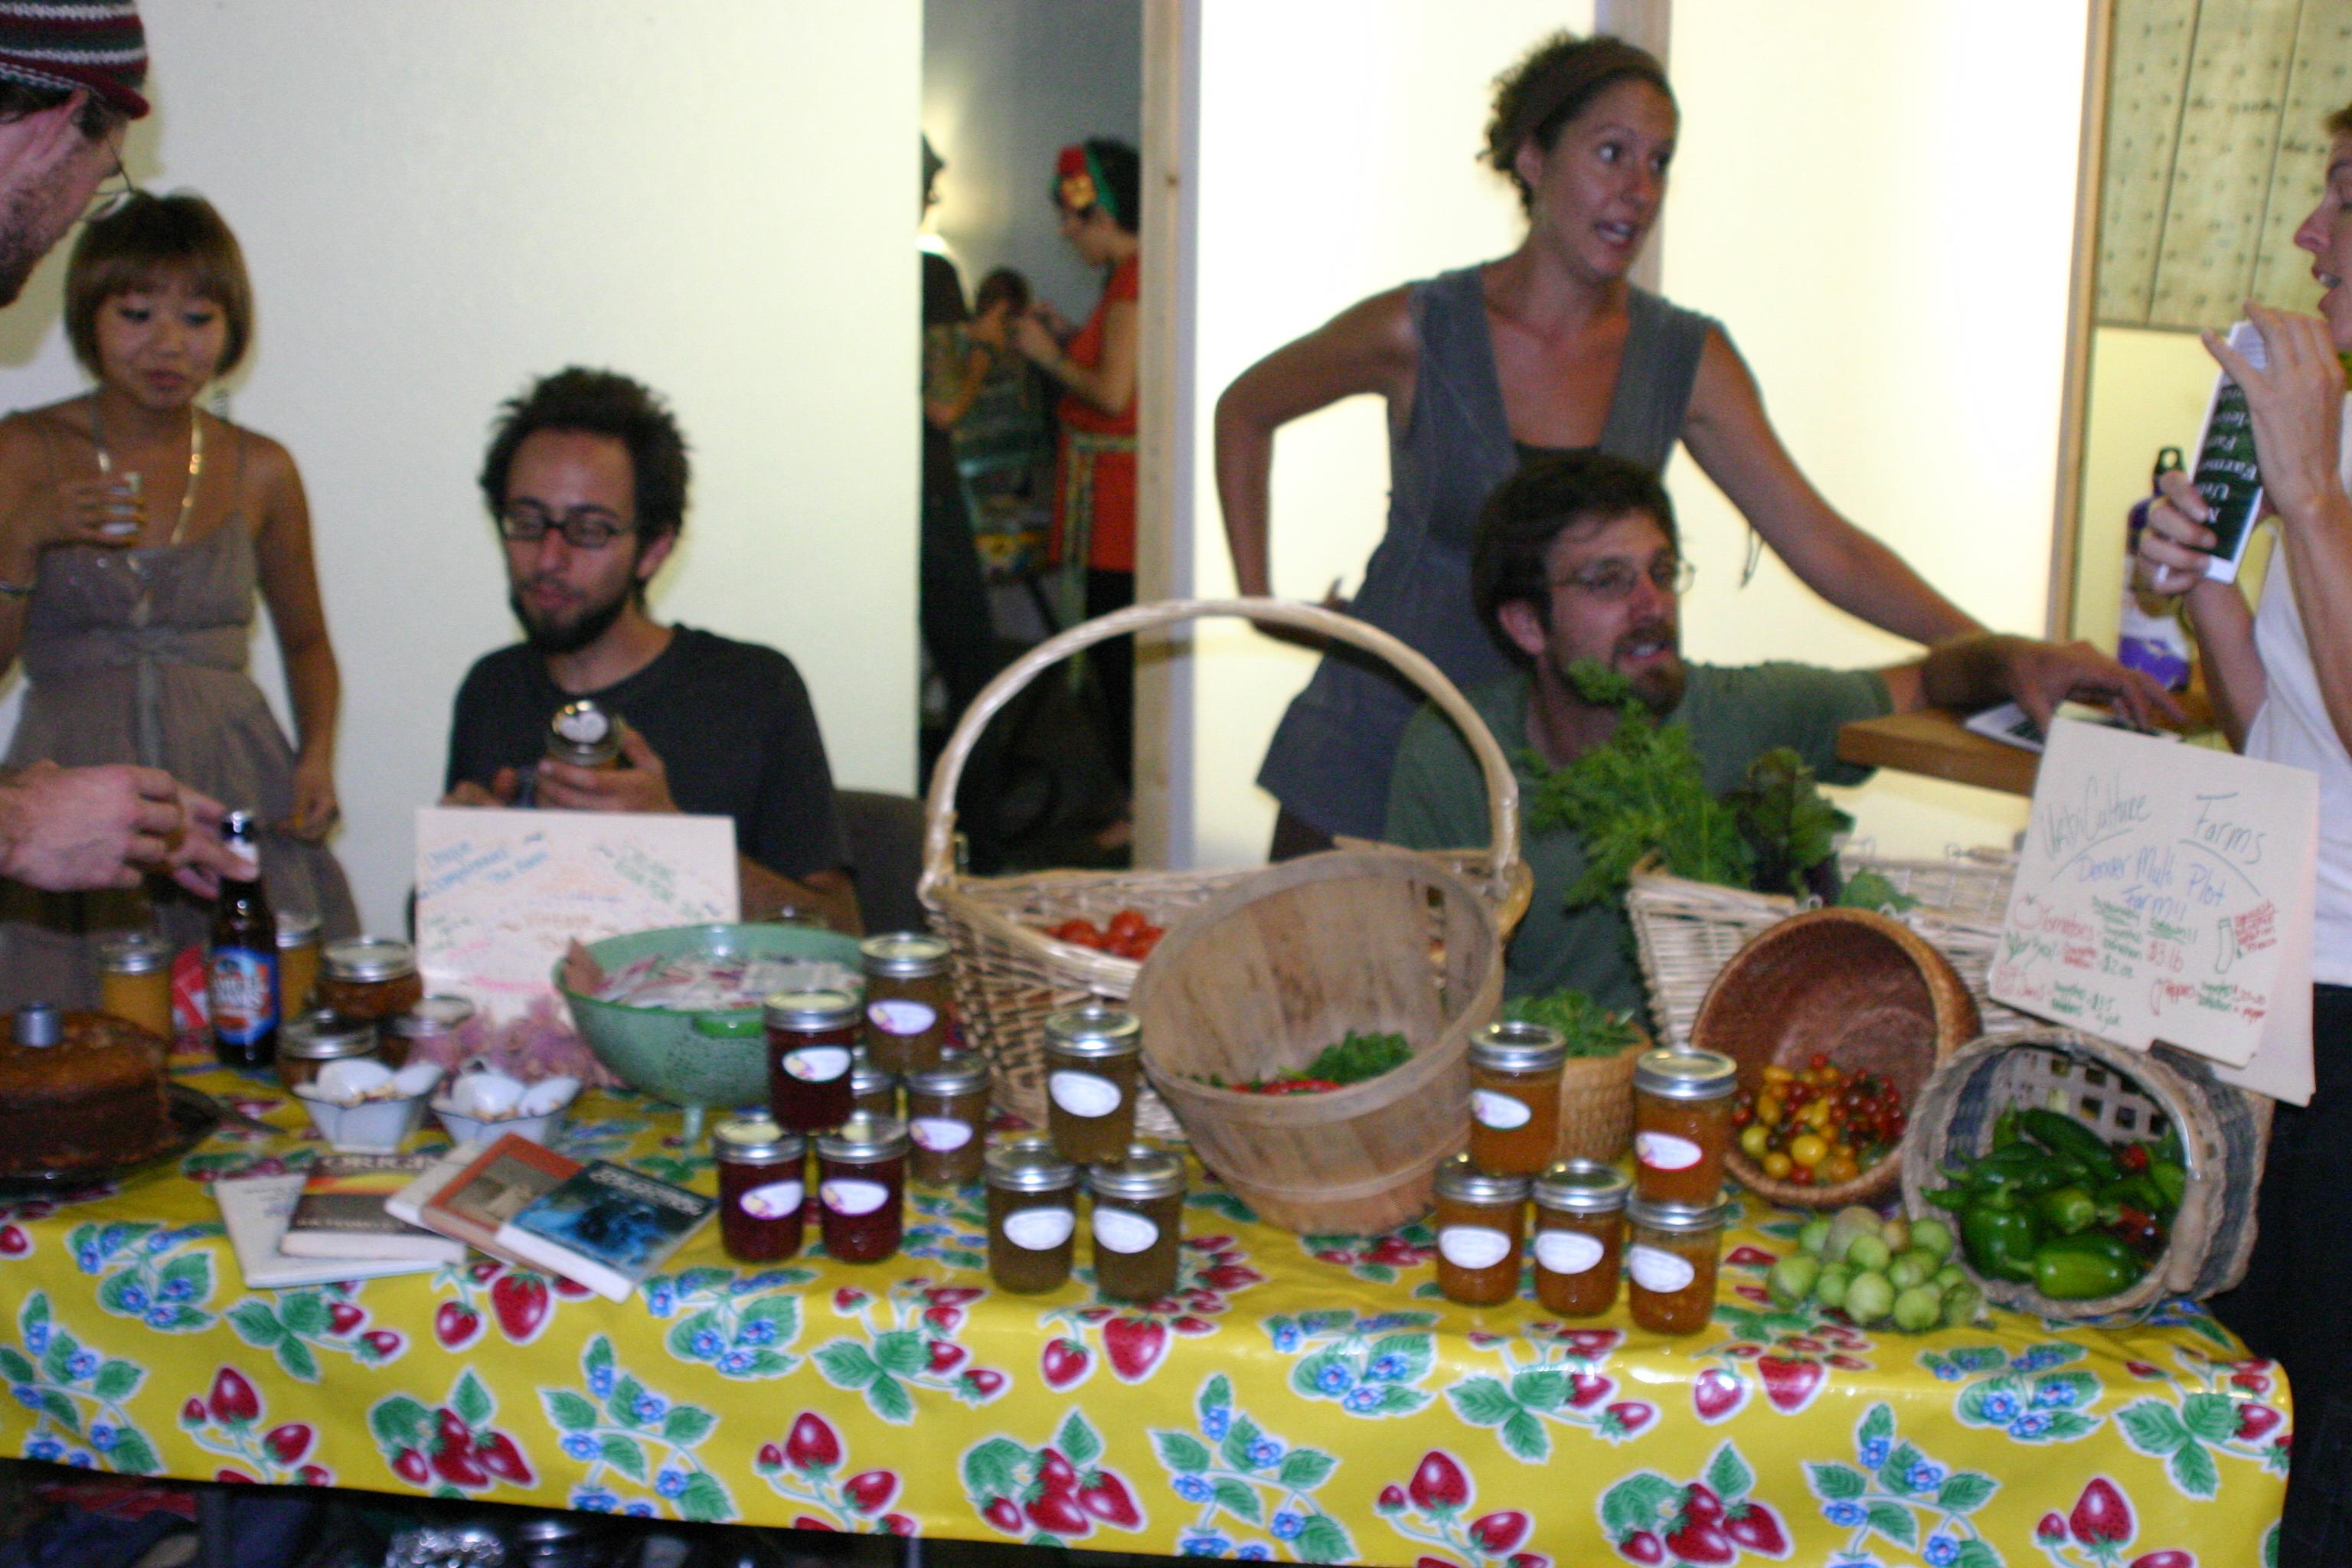 Denver Handmade Homemade Market Club | We all have a skill to ...